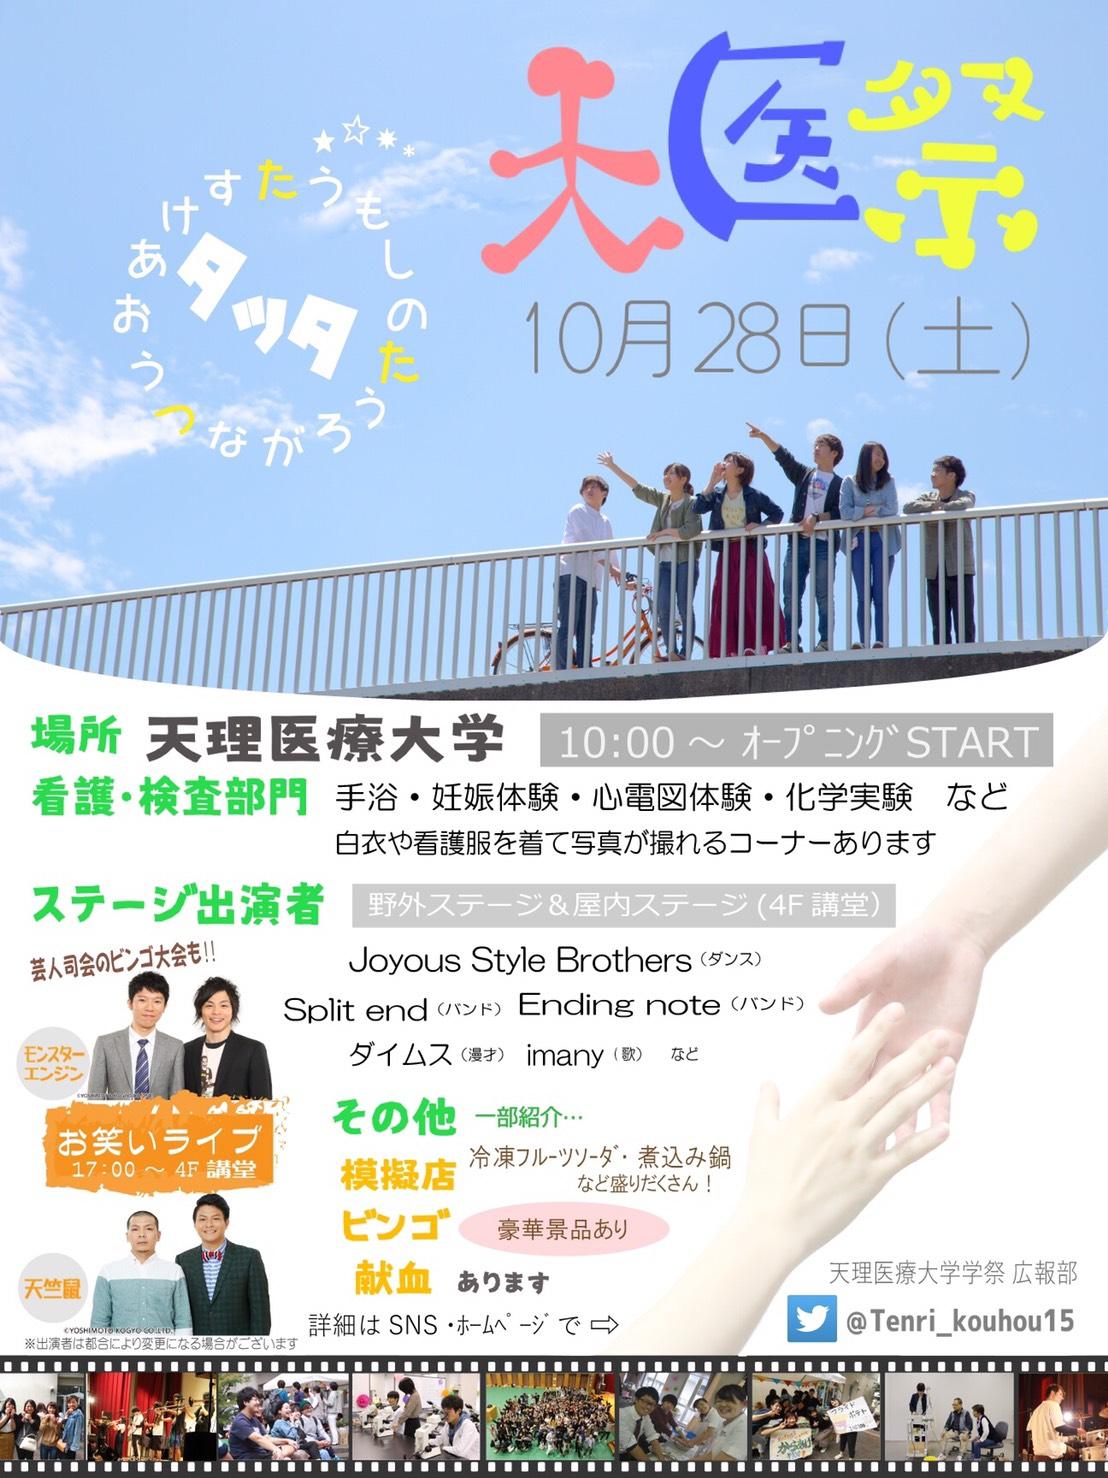 【10/28】天医祭(学園祭)の開催のお知らせ